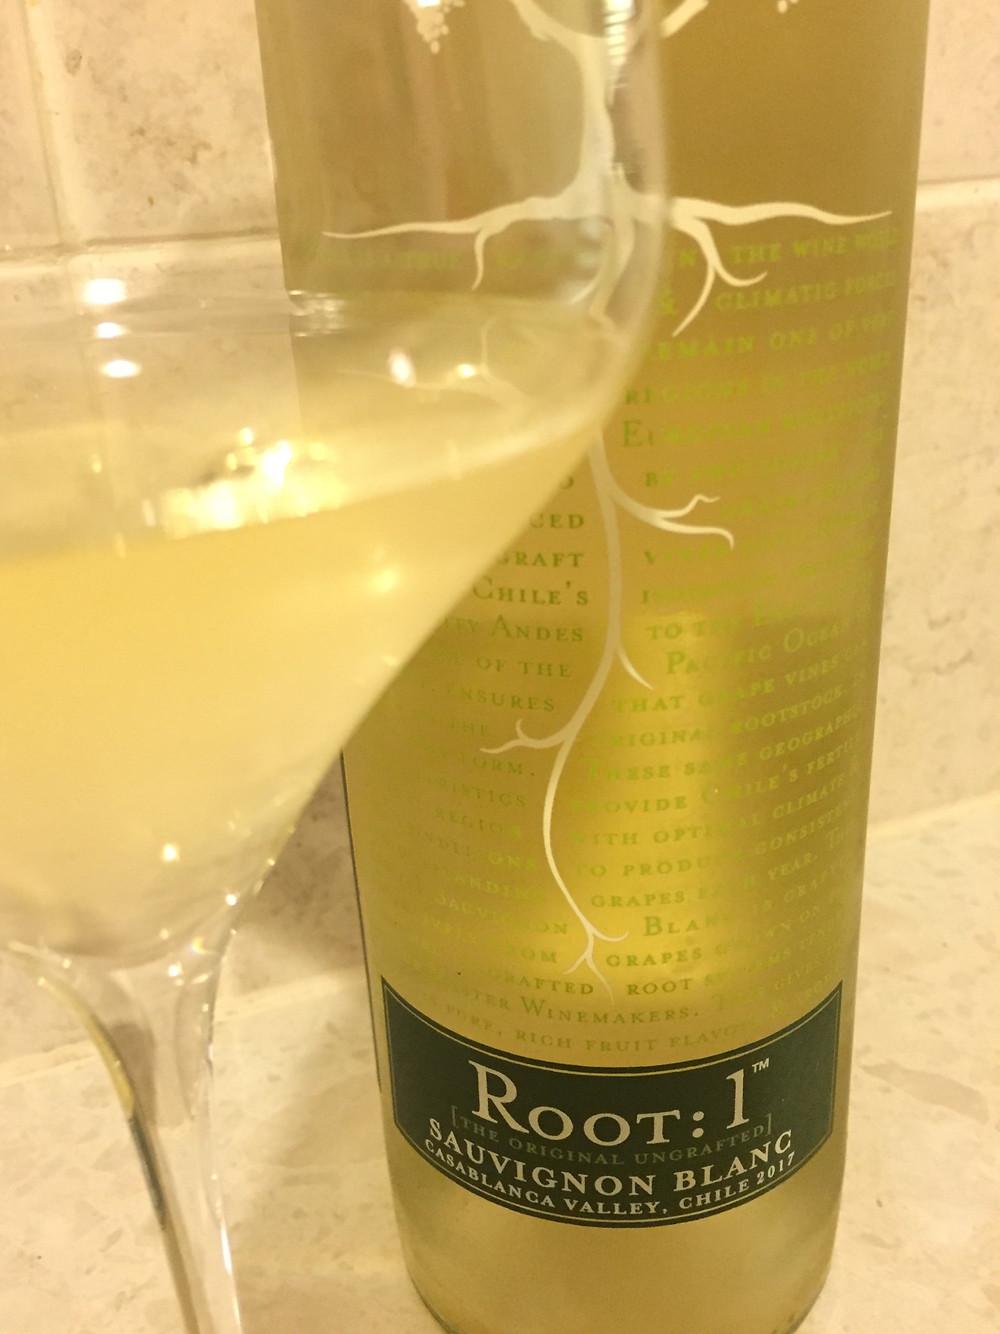 Root: 1 Sauvignon